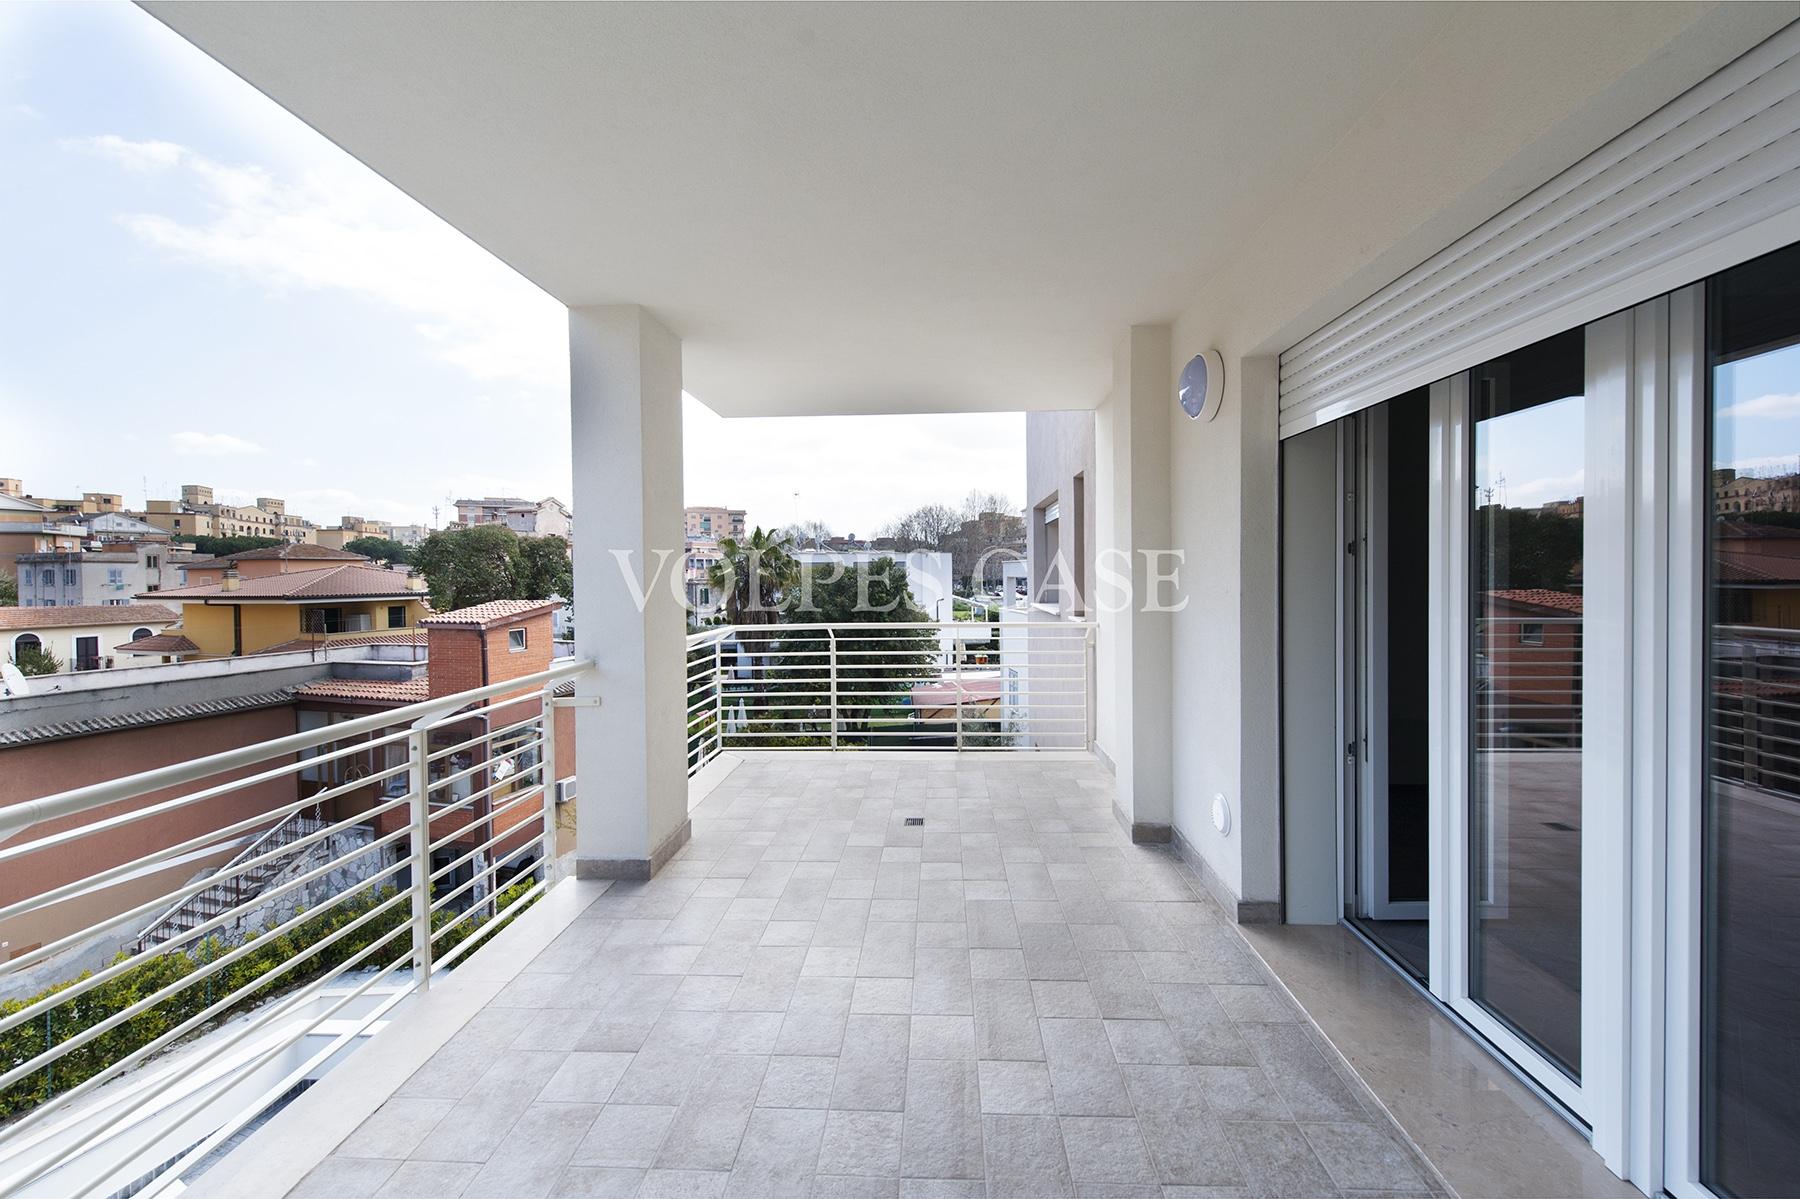 Appartamento in affitto a roma cod v45 3472 for Affitto roma prati